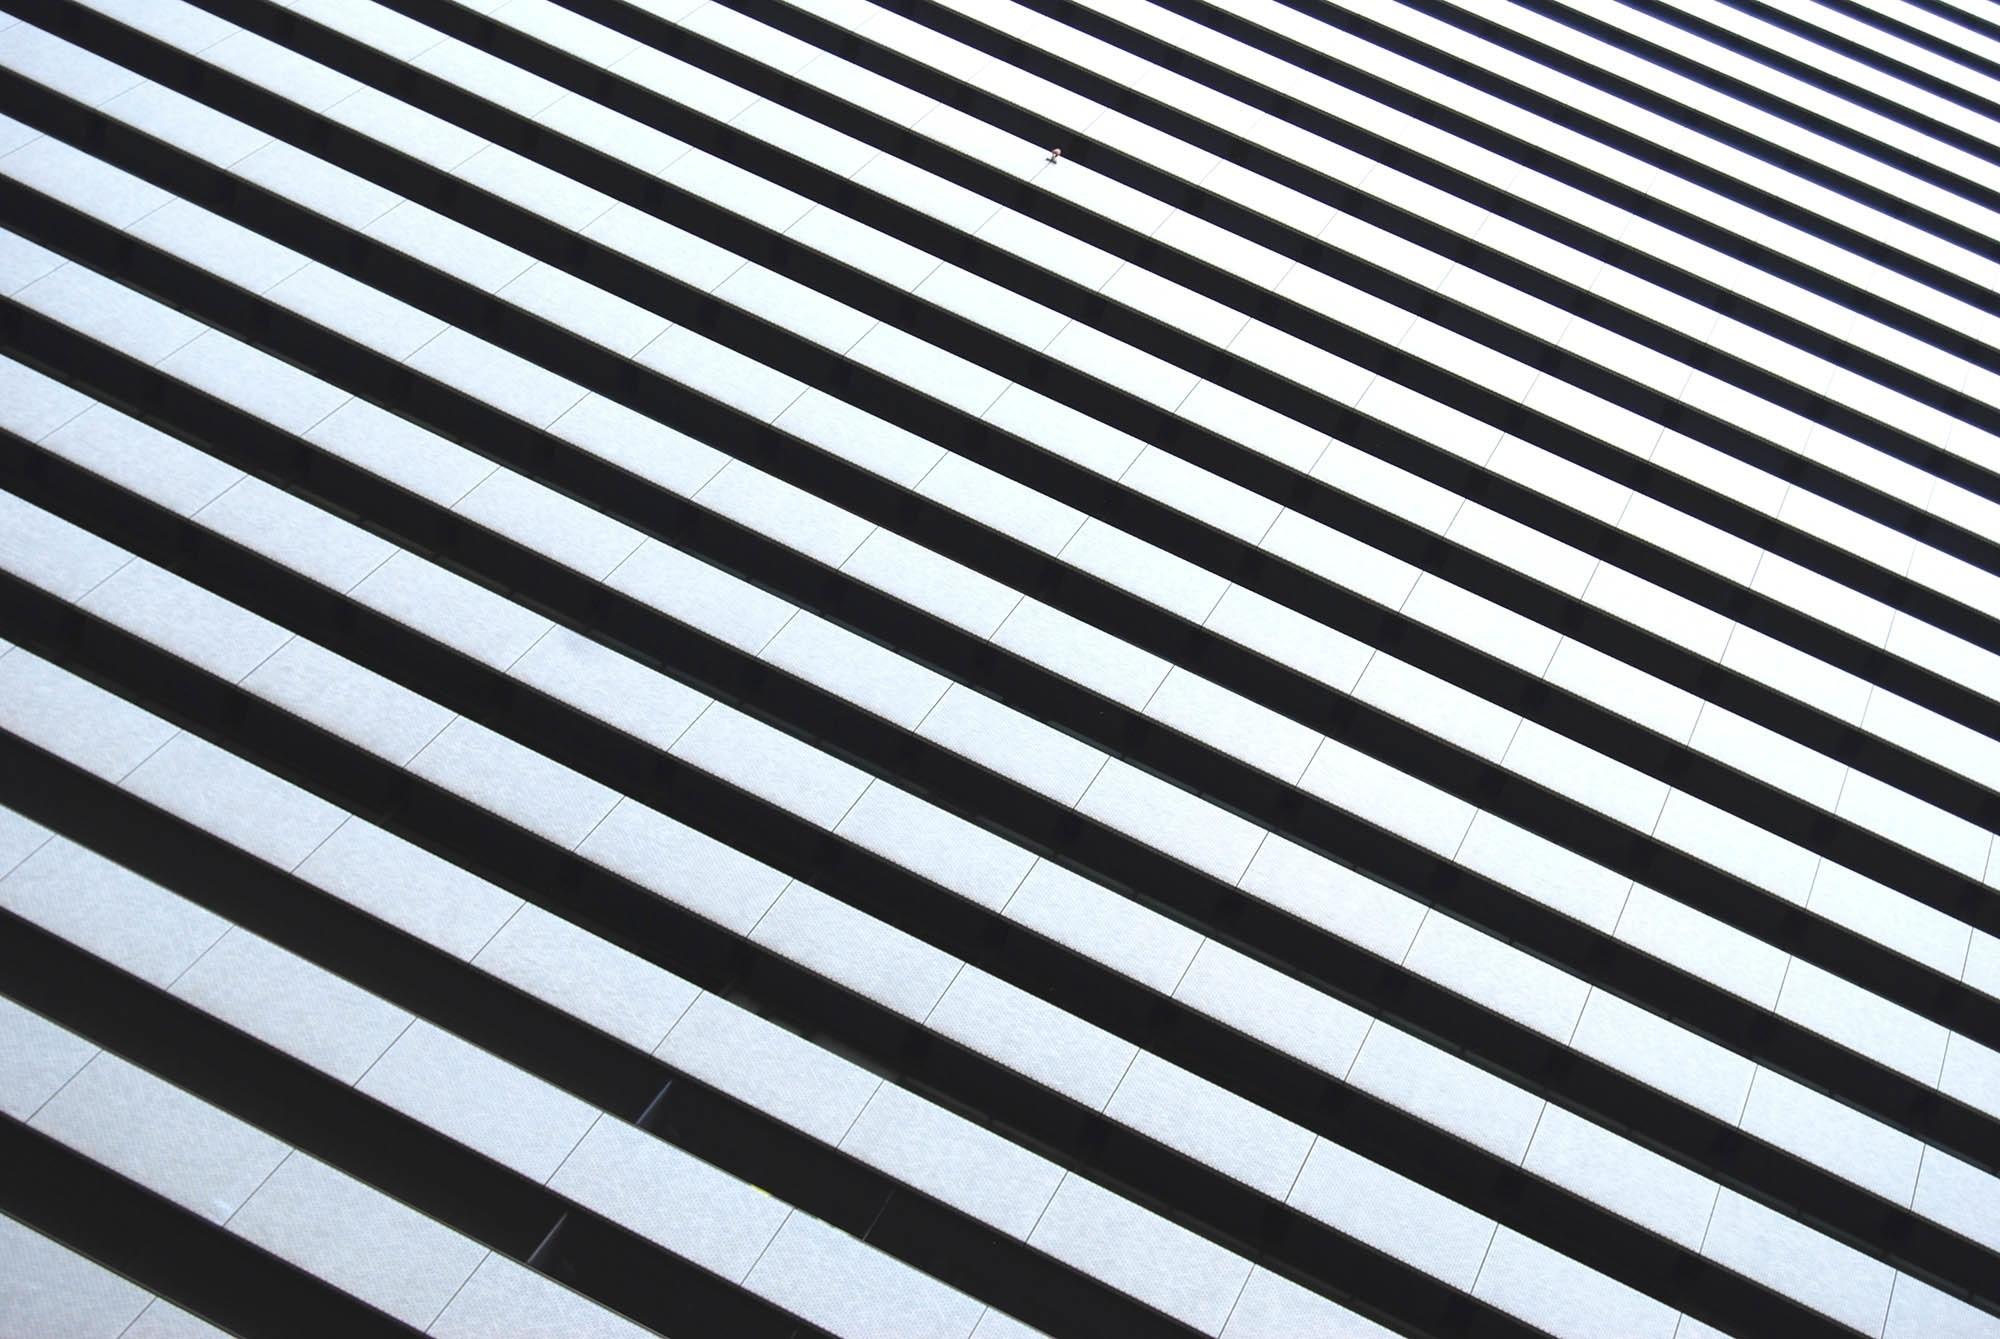 Kostenlose foto : Flügel, Schwarz und weiß, Weiß, Muster, Linie ...